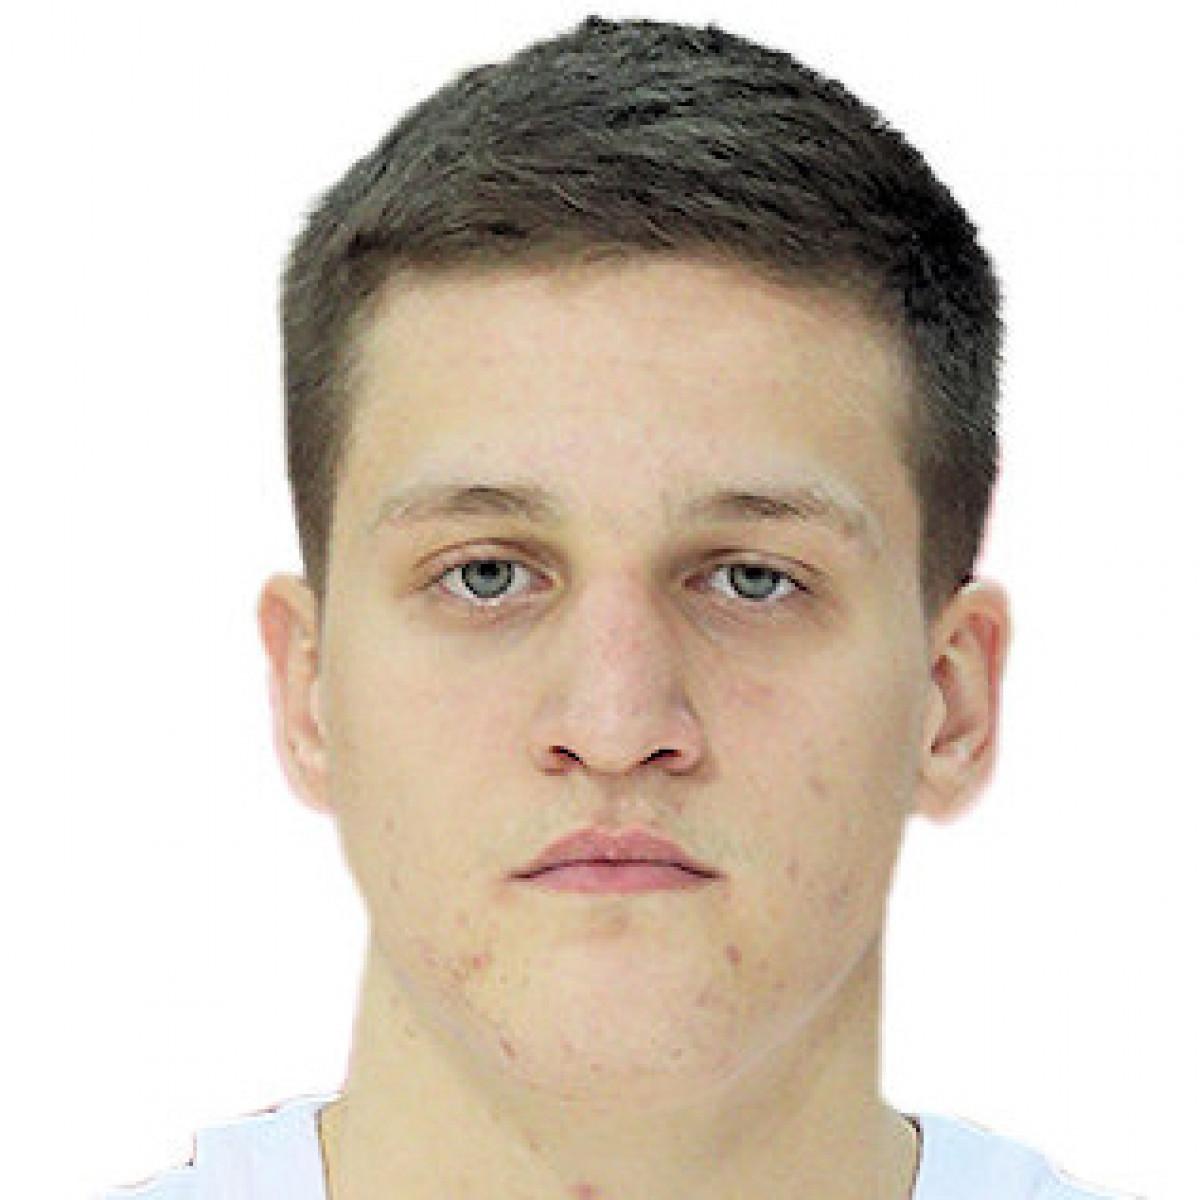 Stevan Karapandzic